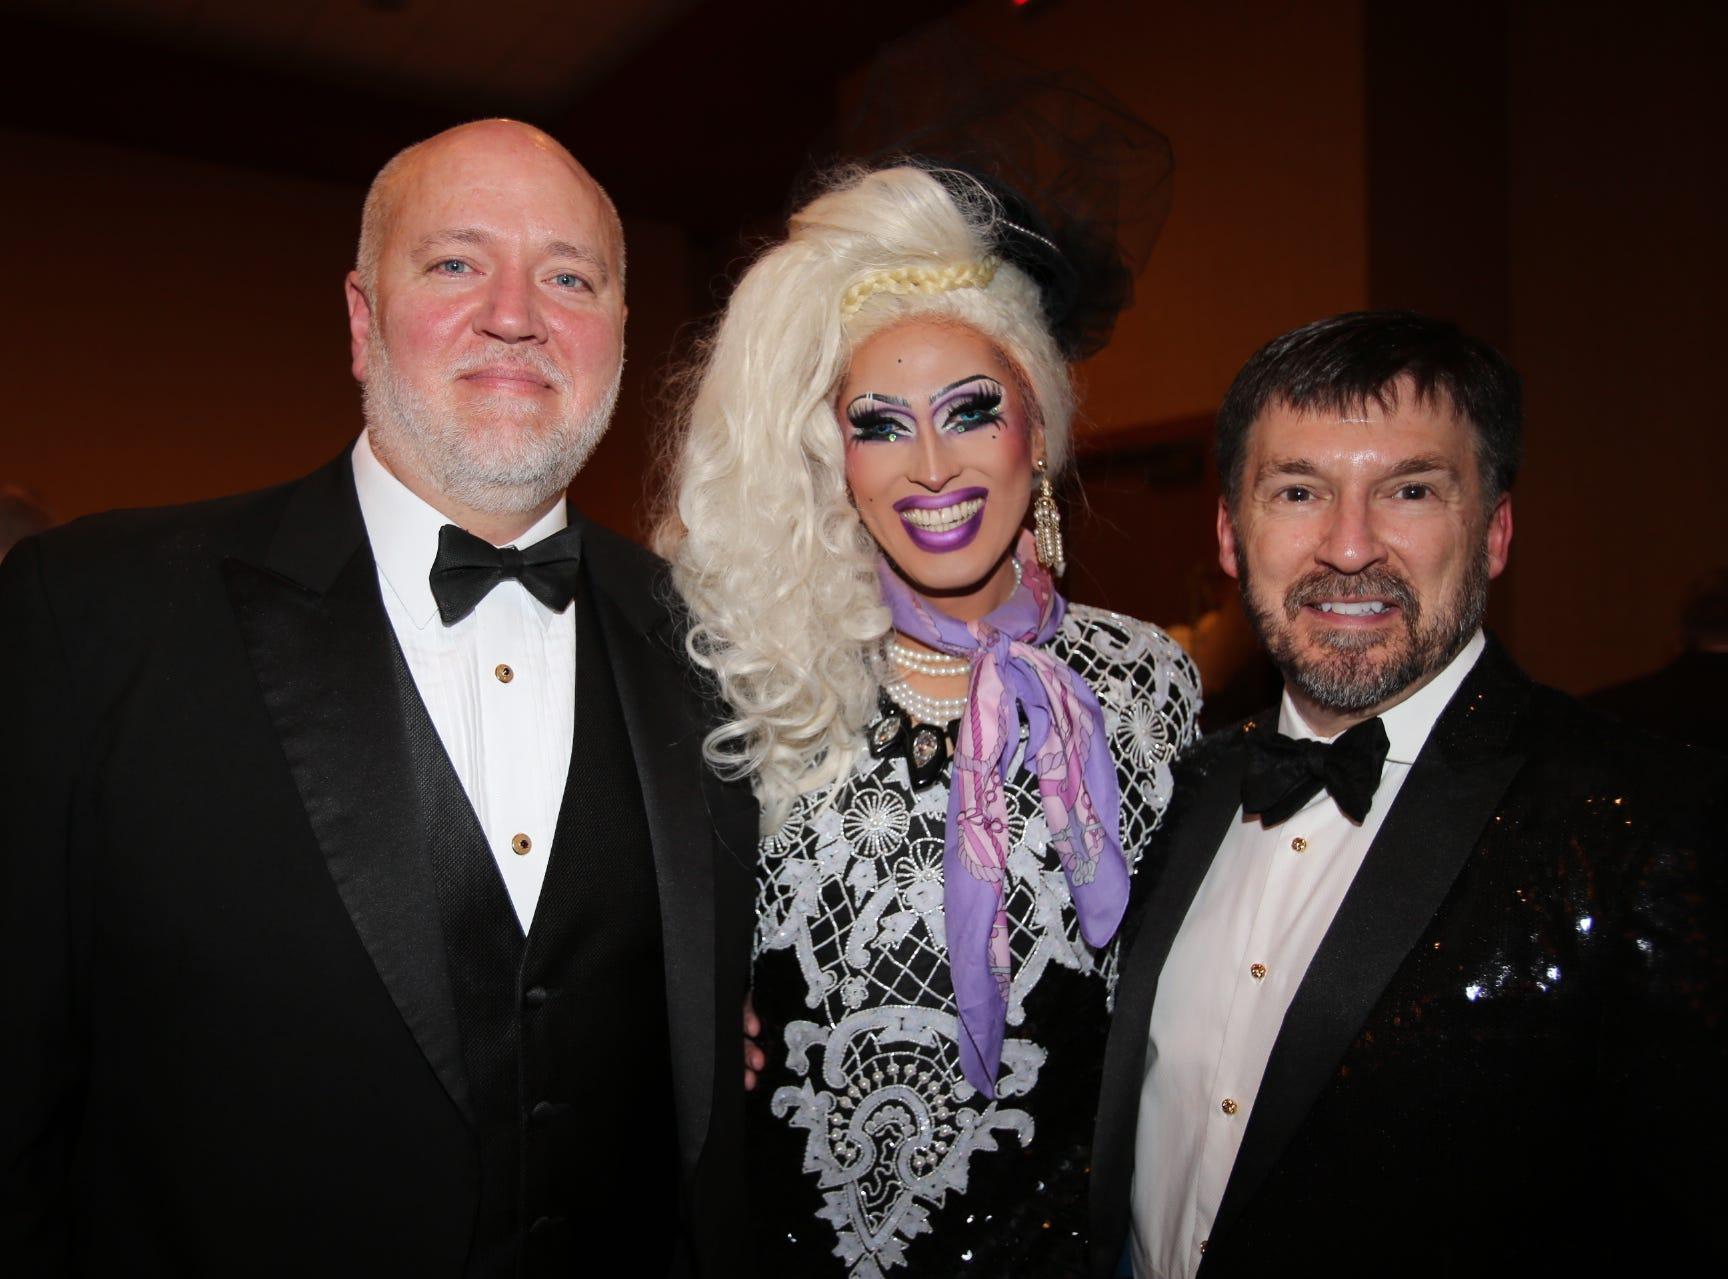 Darren Penrod, Crystal Methyd, and Brian Sneal